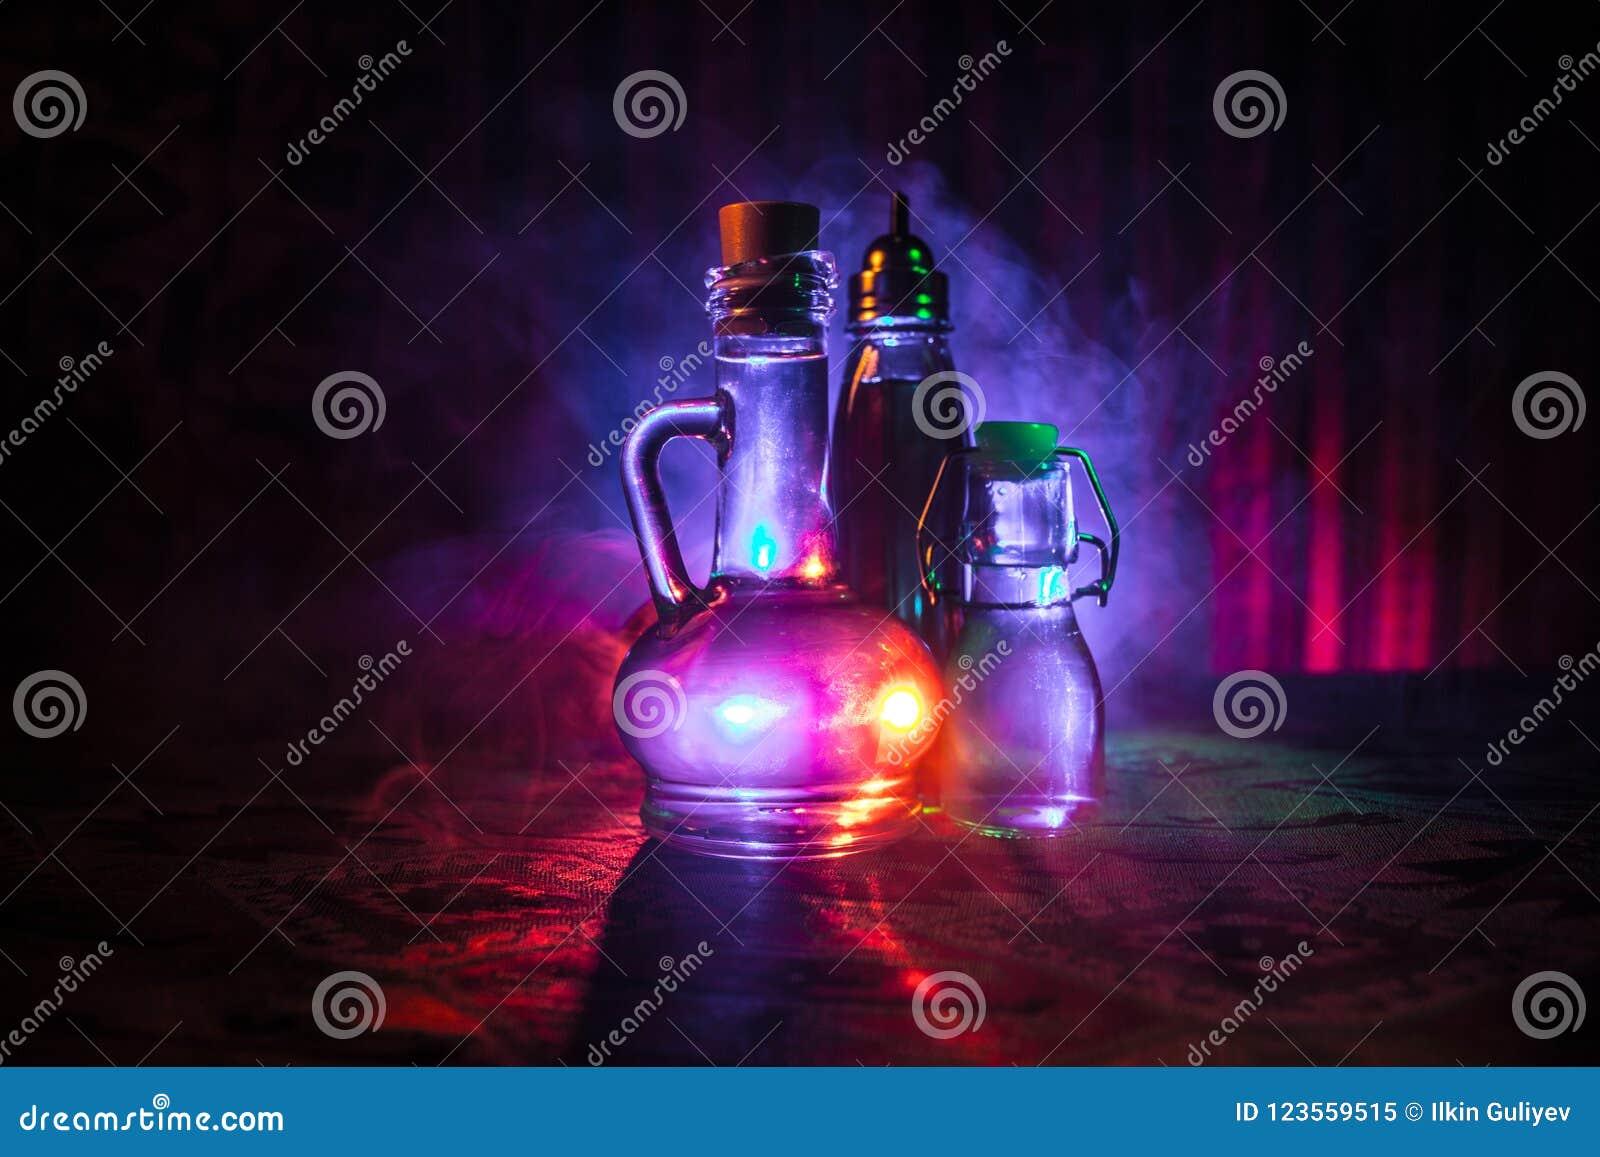 Παλαιό και εκλεκτής ποιότητας μπουκάλι γυαλιού στο σκοτεινό ομιχλώδες υπόβαθρο με το φως Δηλητήριο ή μαγική υγρή έννοια